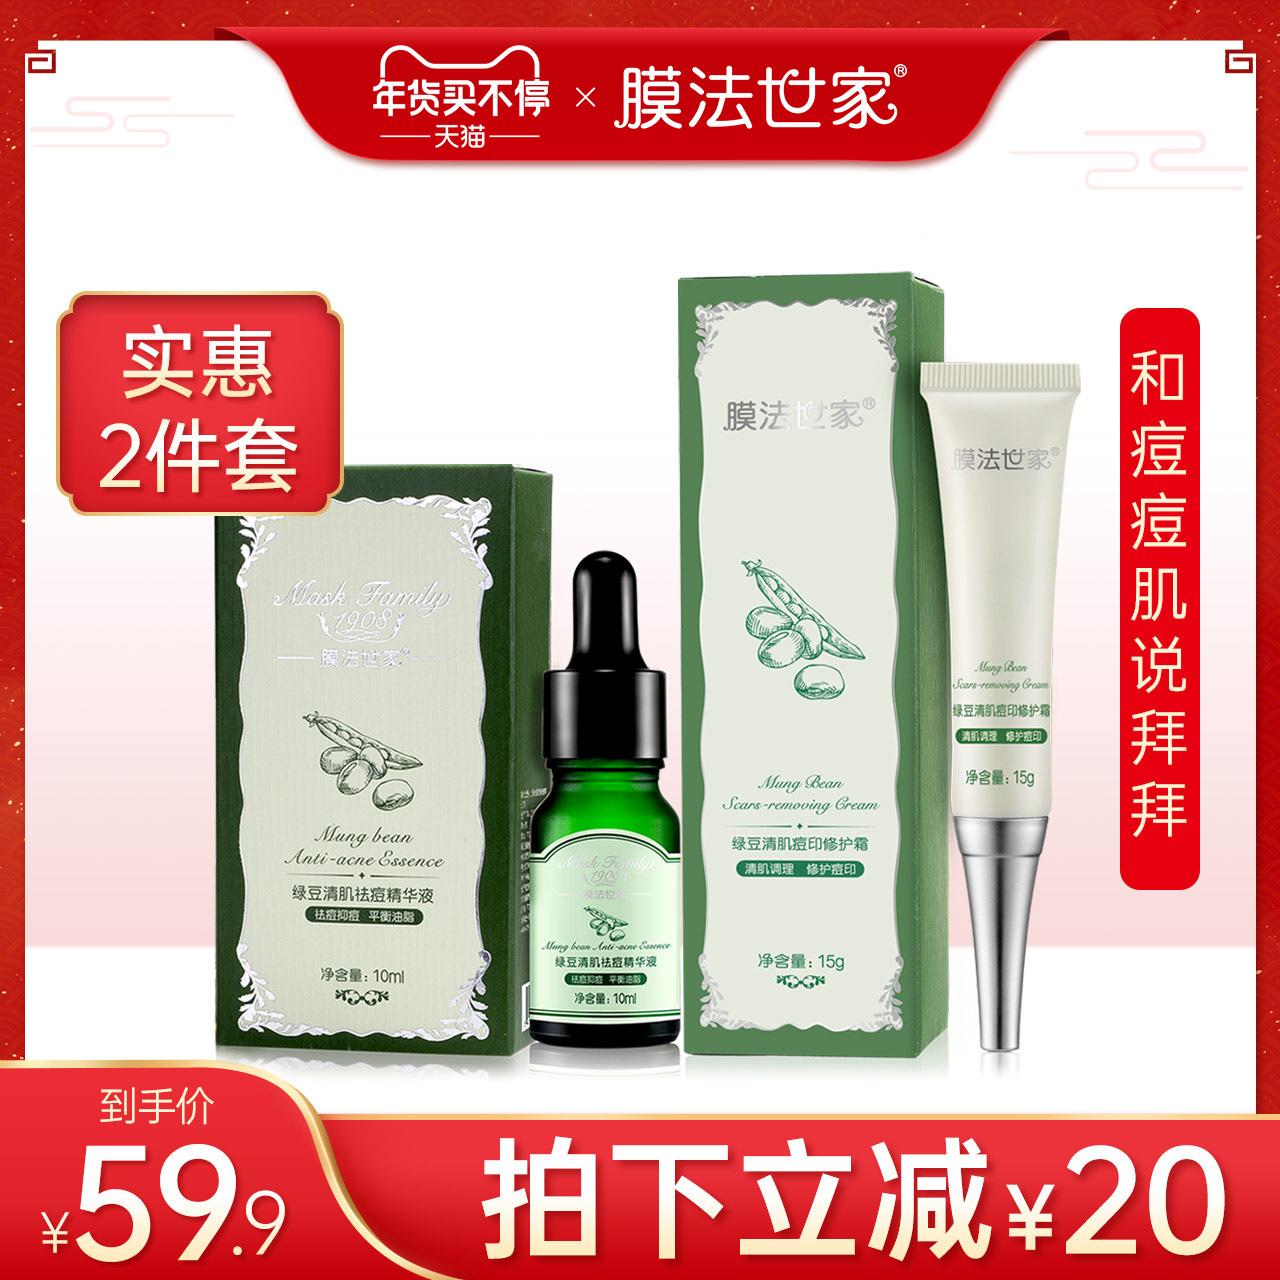 膜法世家绿豆清肌套装精华液淡化痘印修护霜祛痘清洁控油护肤品